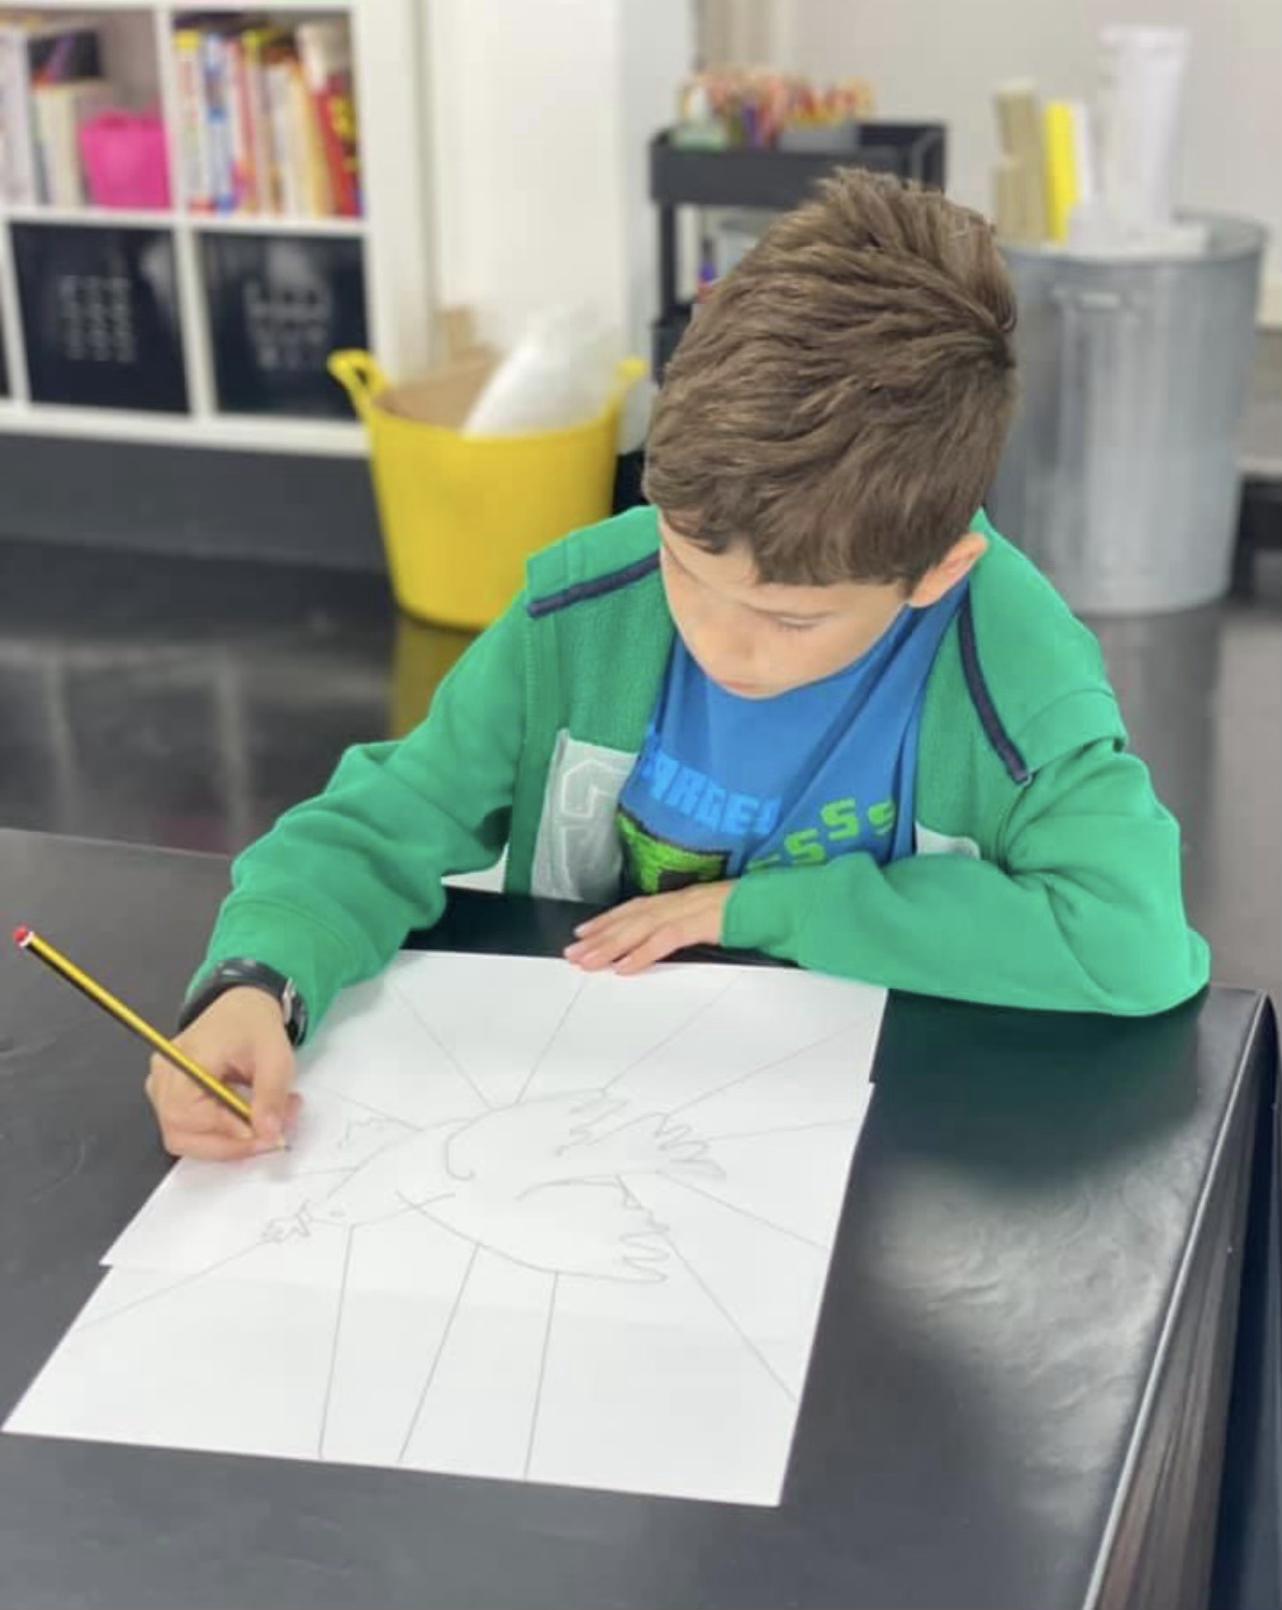 Sketchercise Age 7 upwards